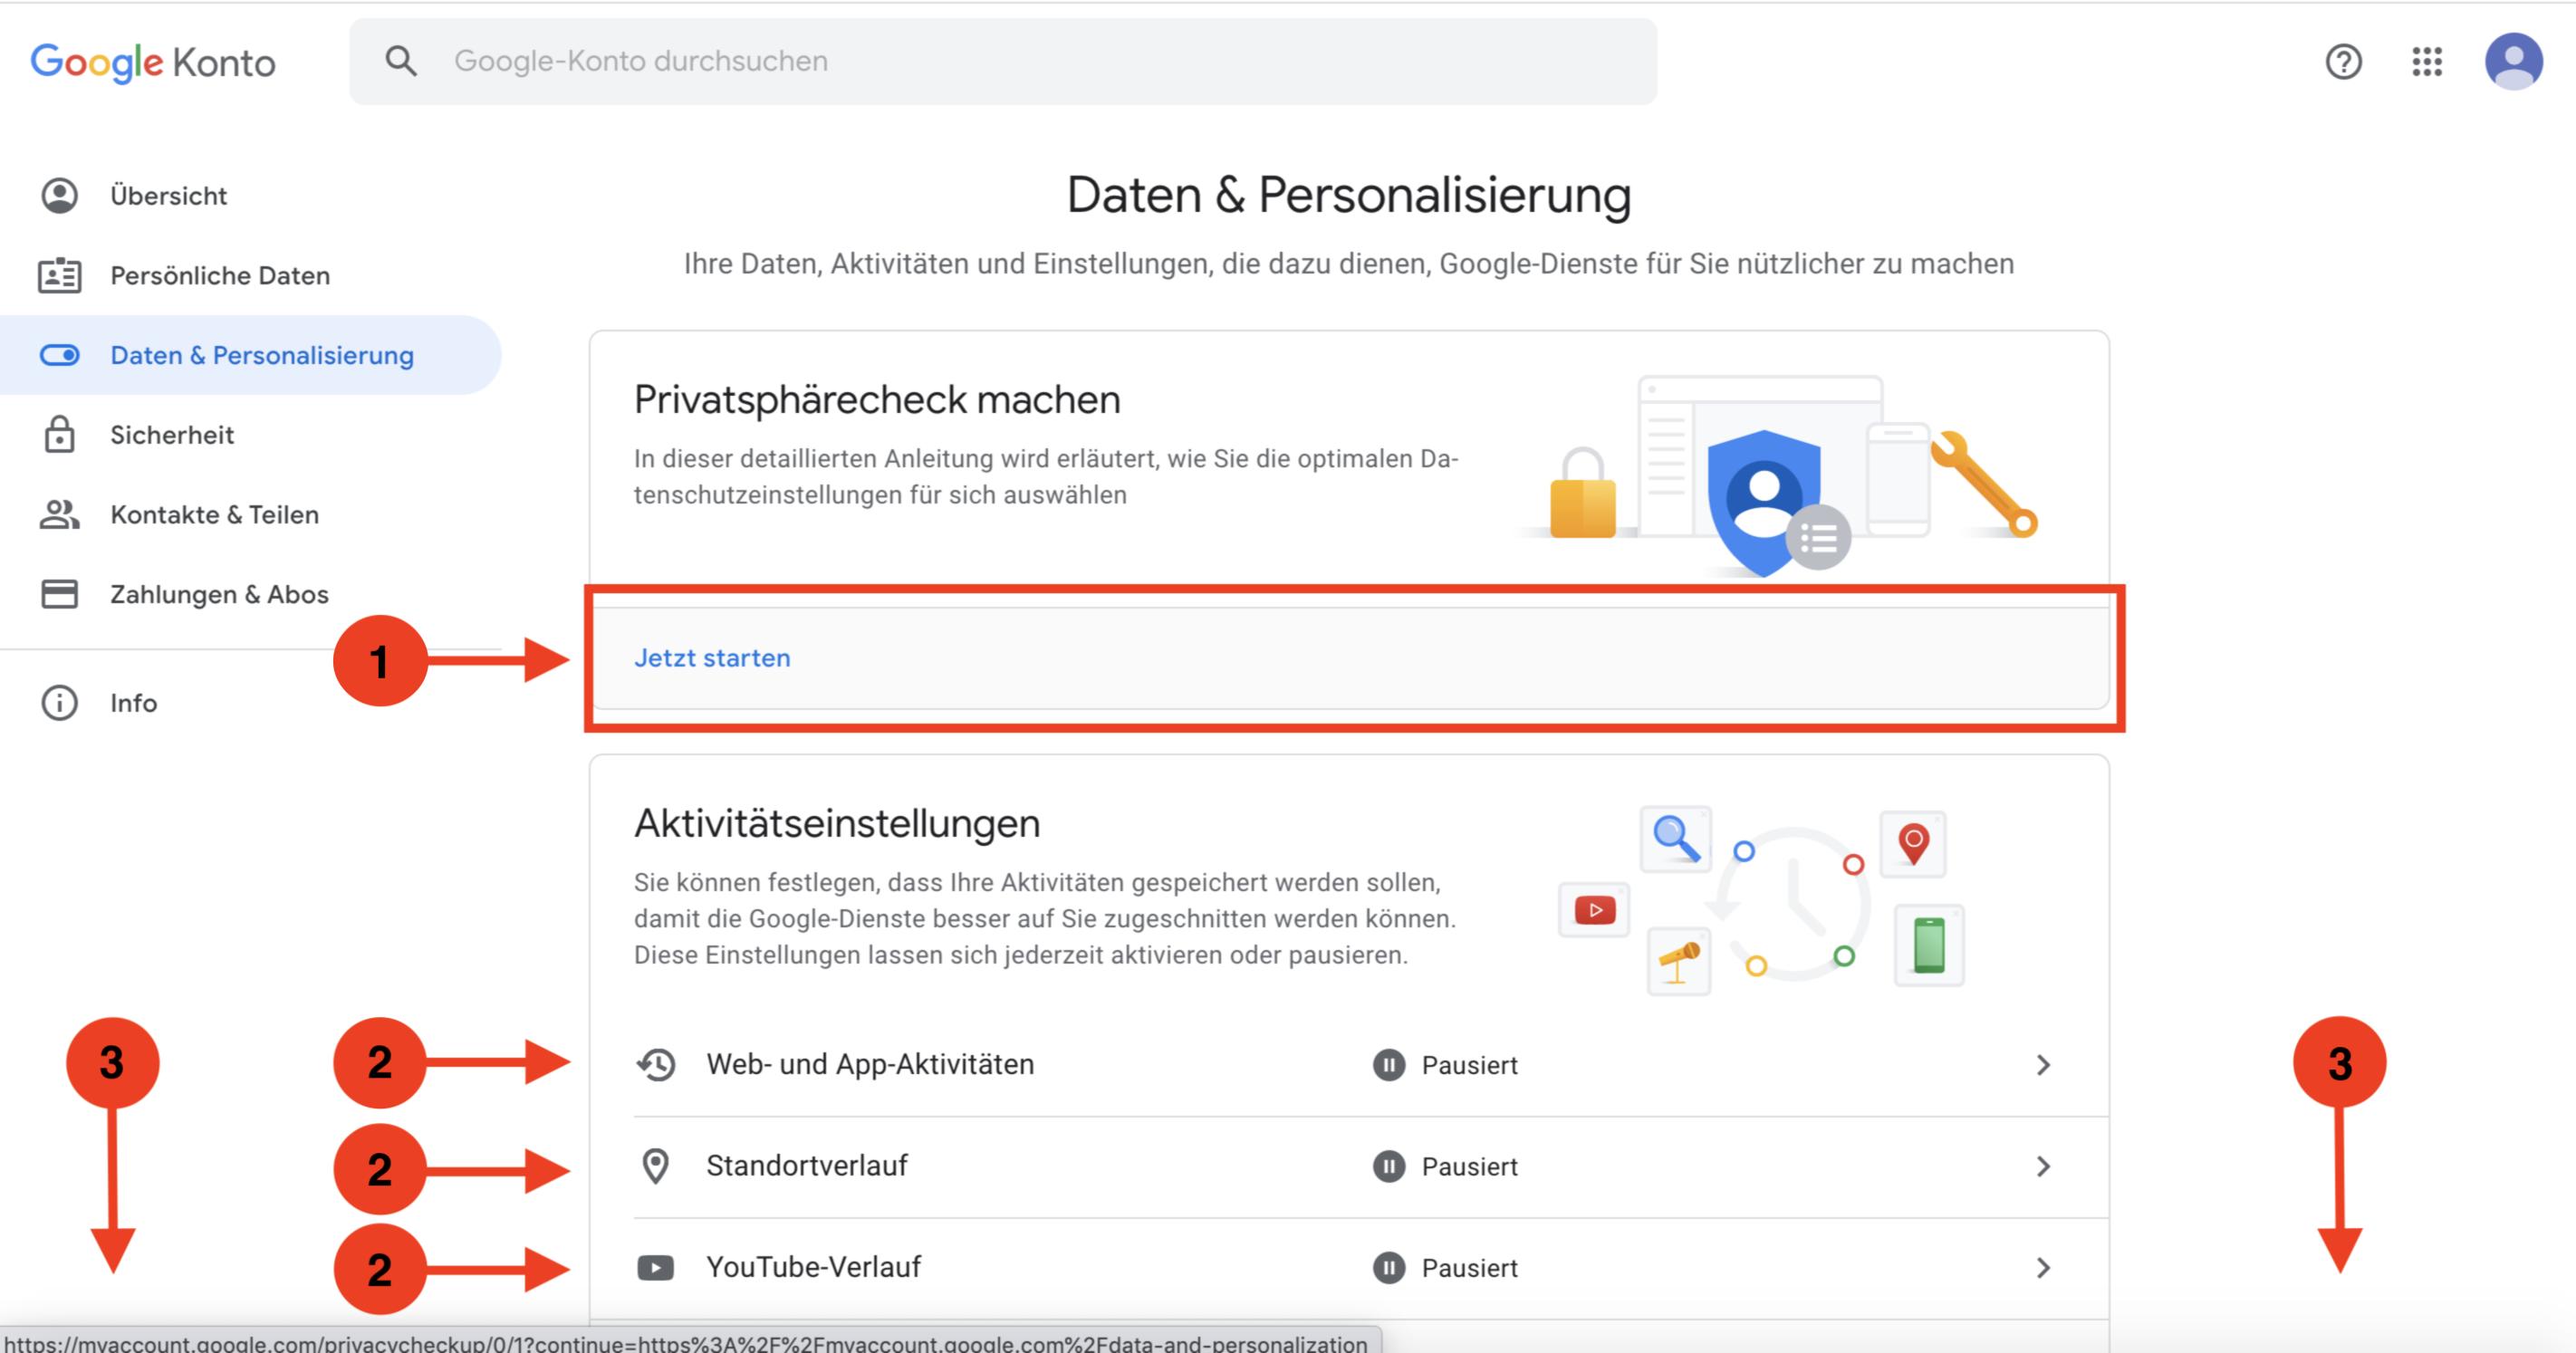 Datensicherheit Google